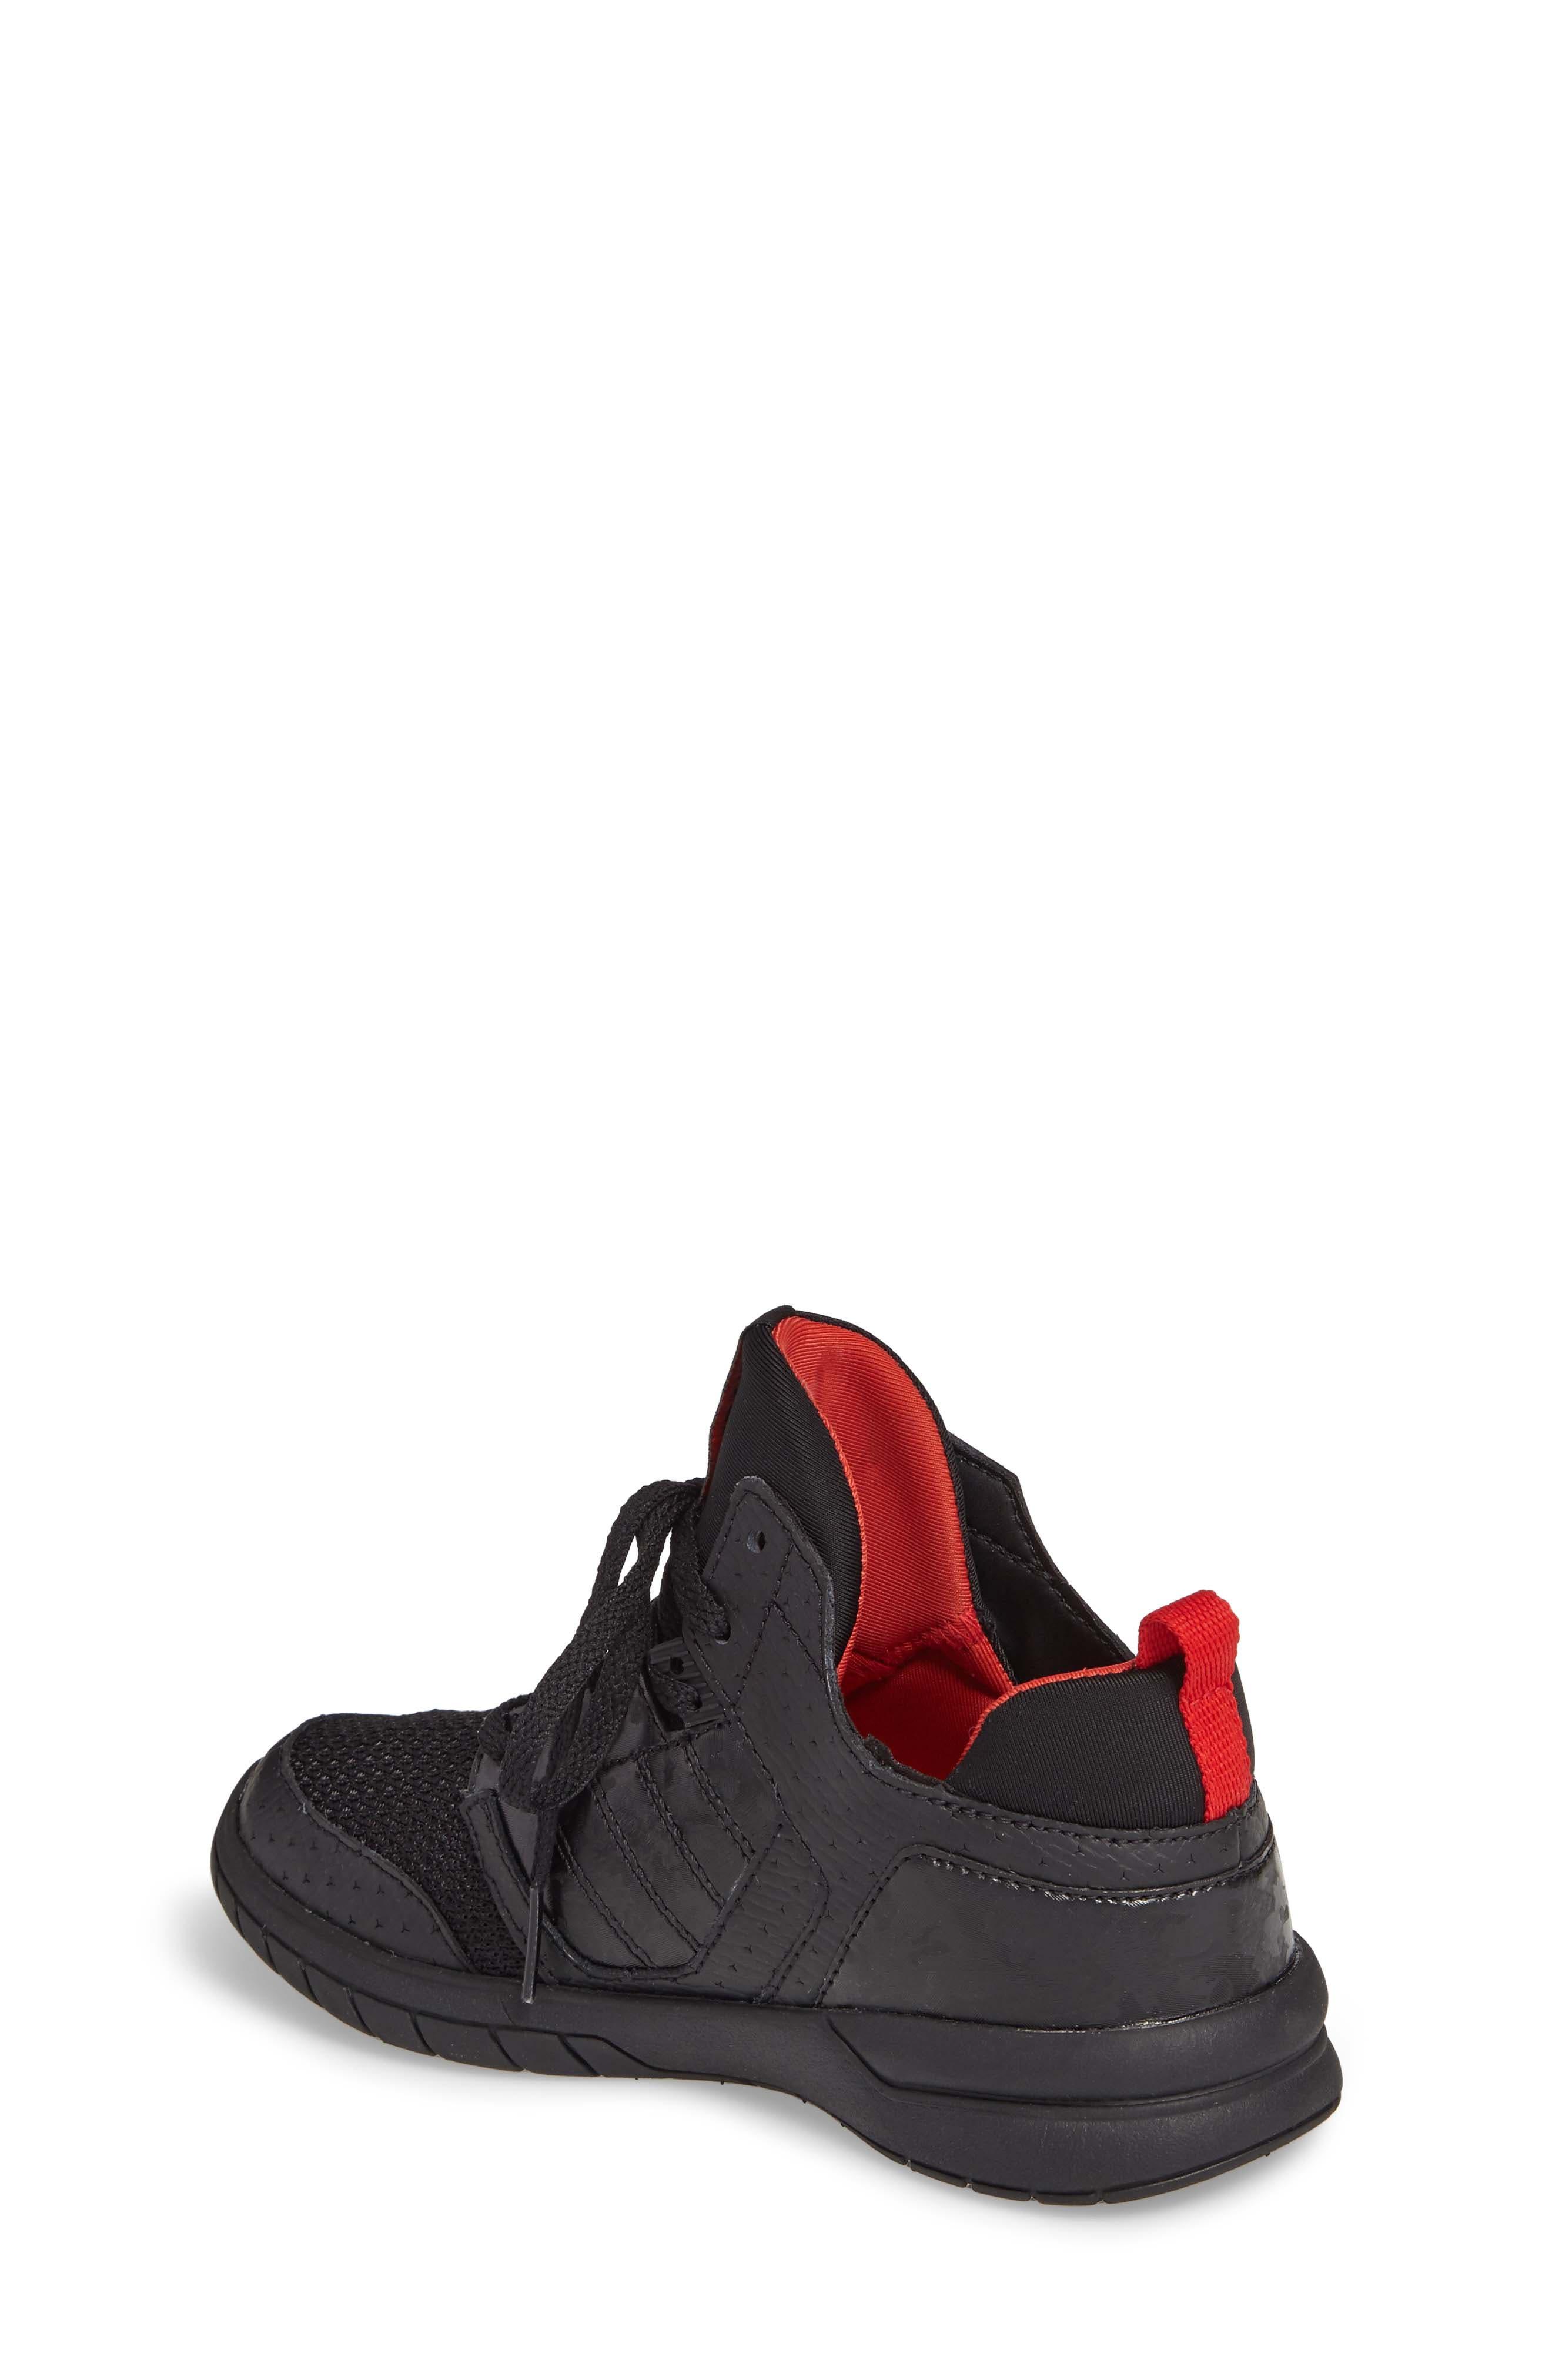 Method Sneaker,                             Alternate thumbnail 2, color,                             001